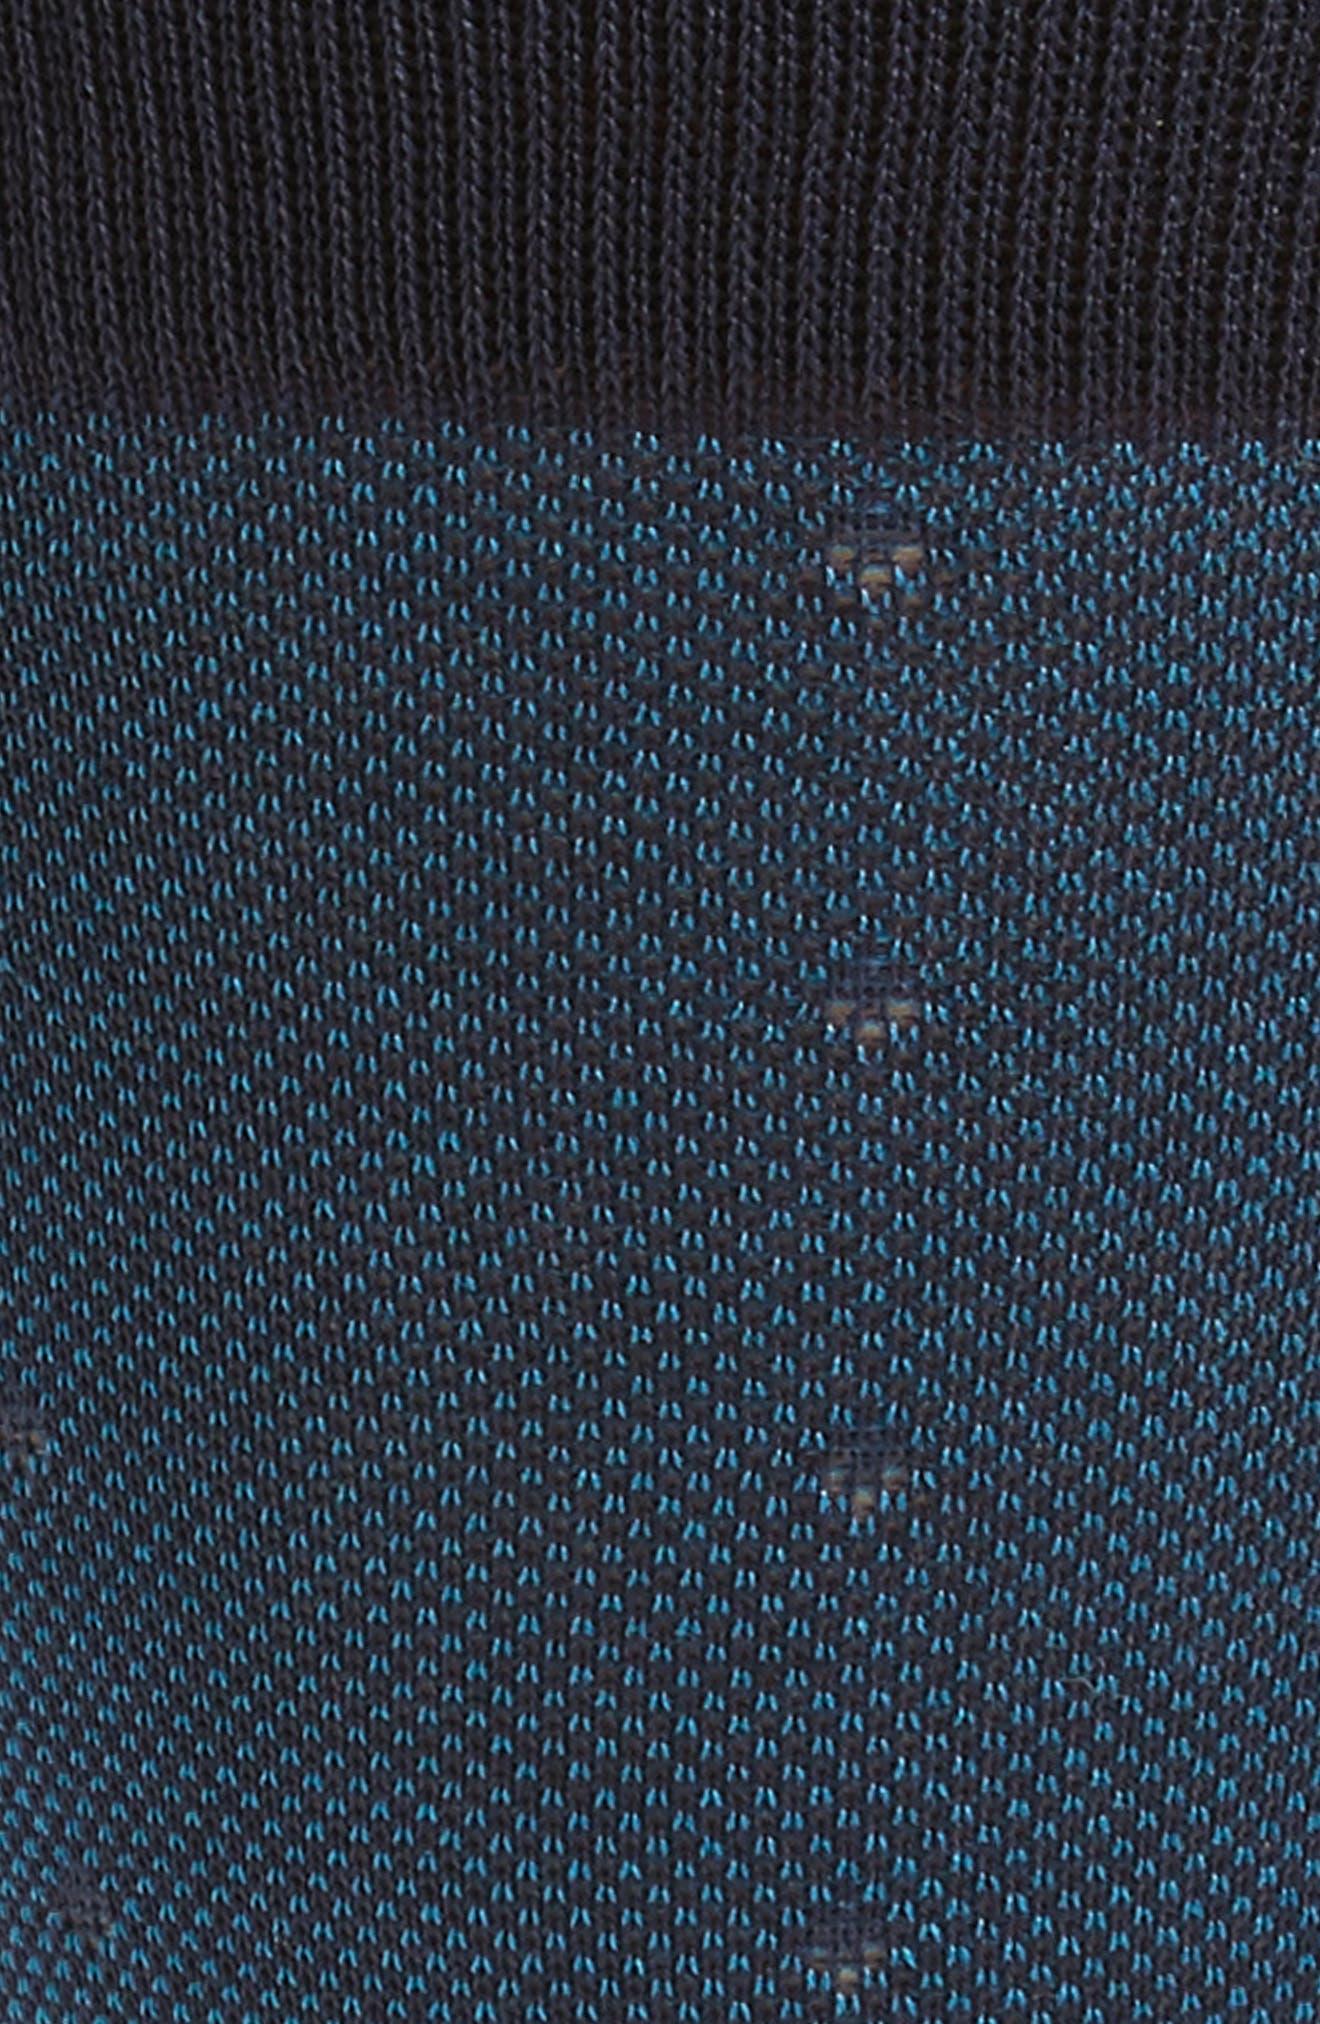 Mercerized Piqué Dot Socks,                             Alternate thumbnail 2, color,                             Navy/ Blue